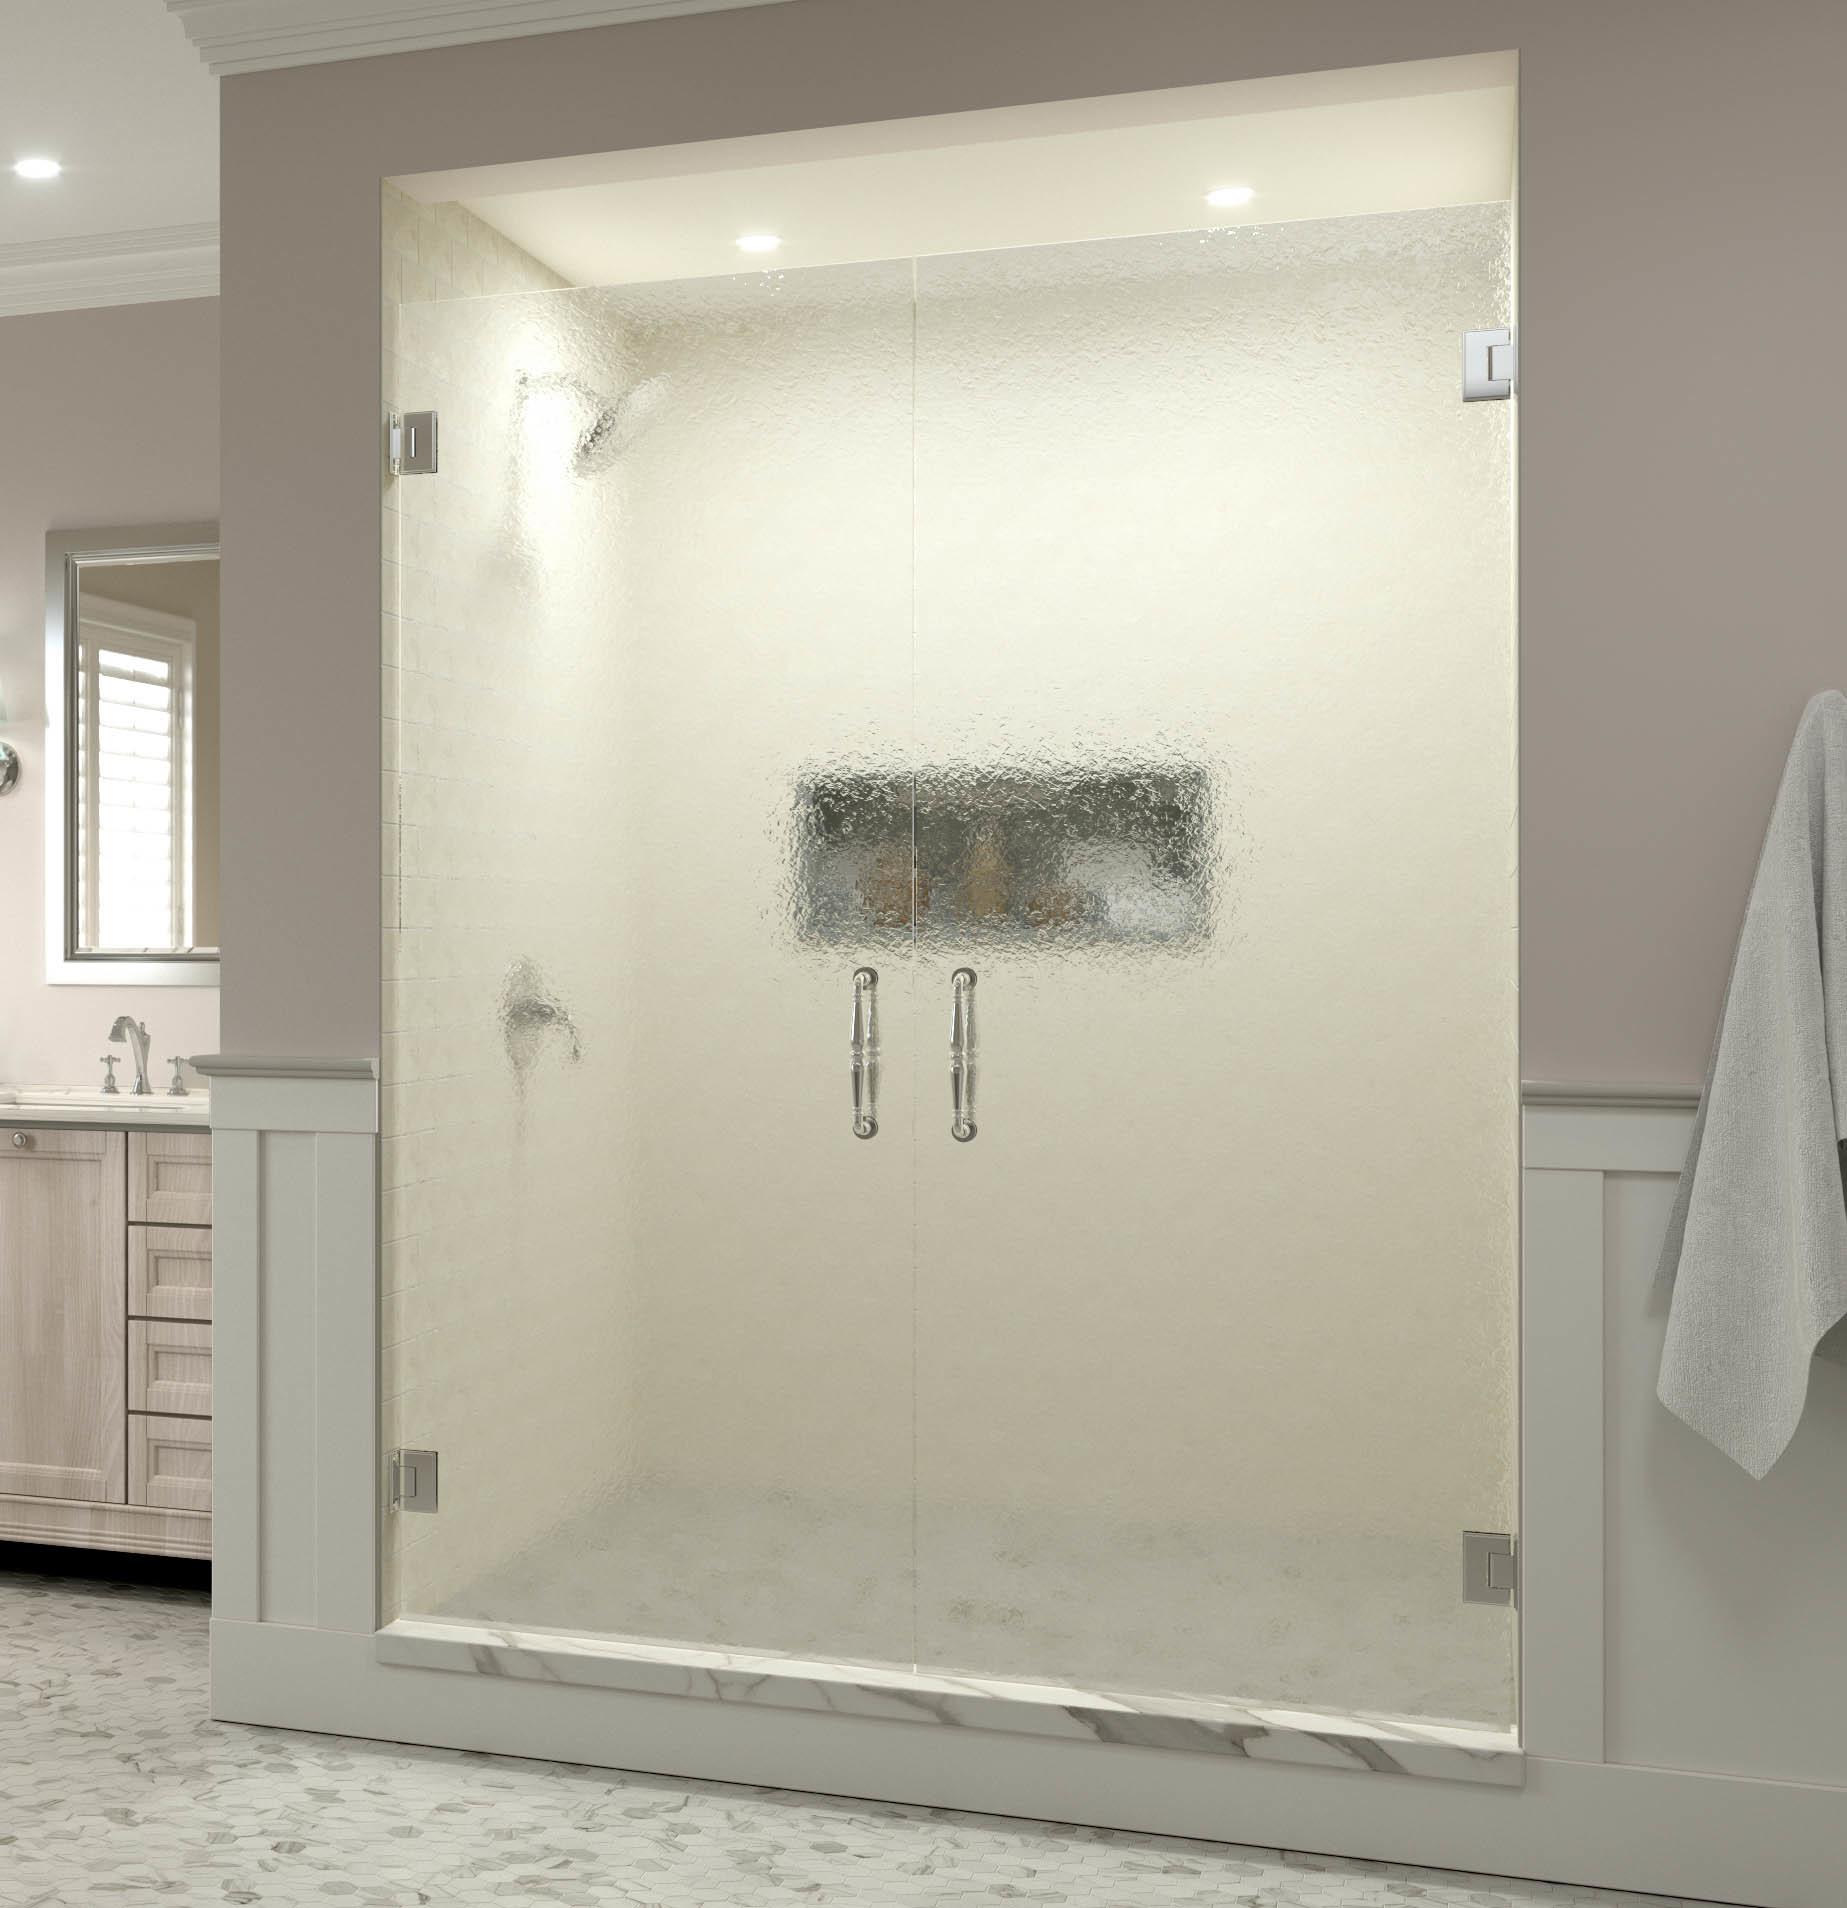 Tresor Frameless 3 8 Inch Glass French Swing Basco Shower